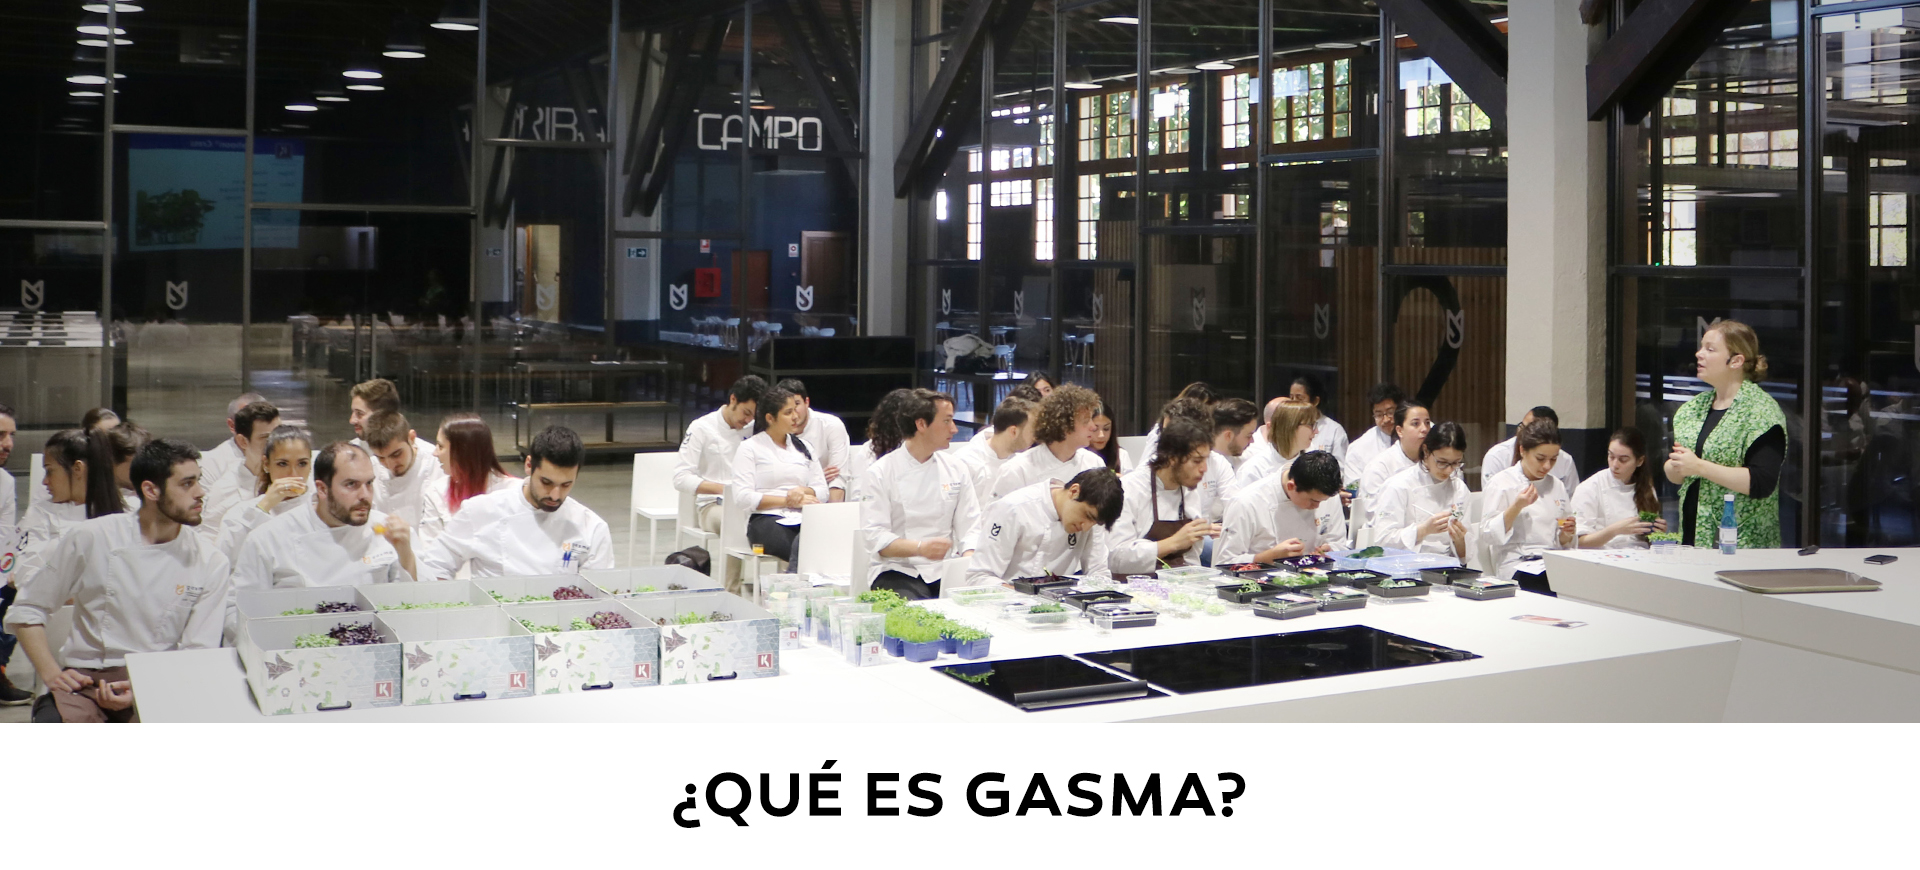 que_es_gasma_1920x8701